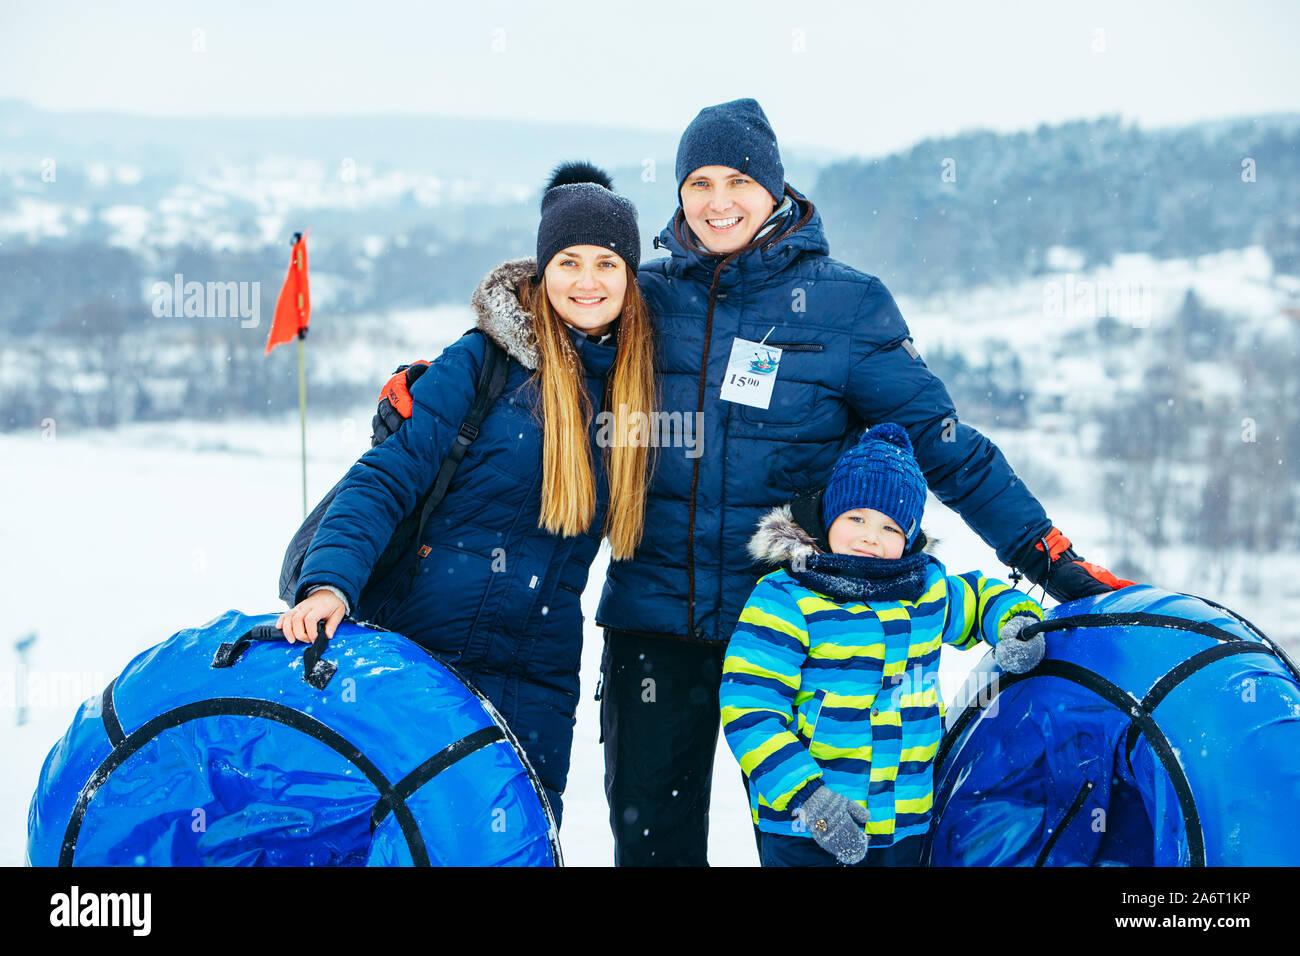 Junge Familie mit Snow tubes posieren. Winter Stockfoto